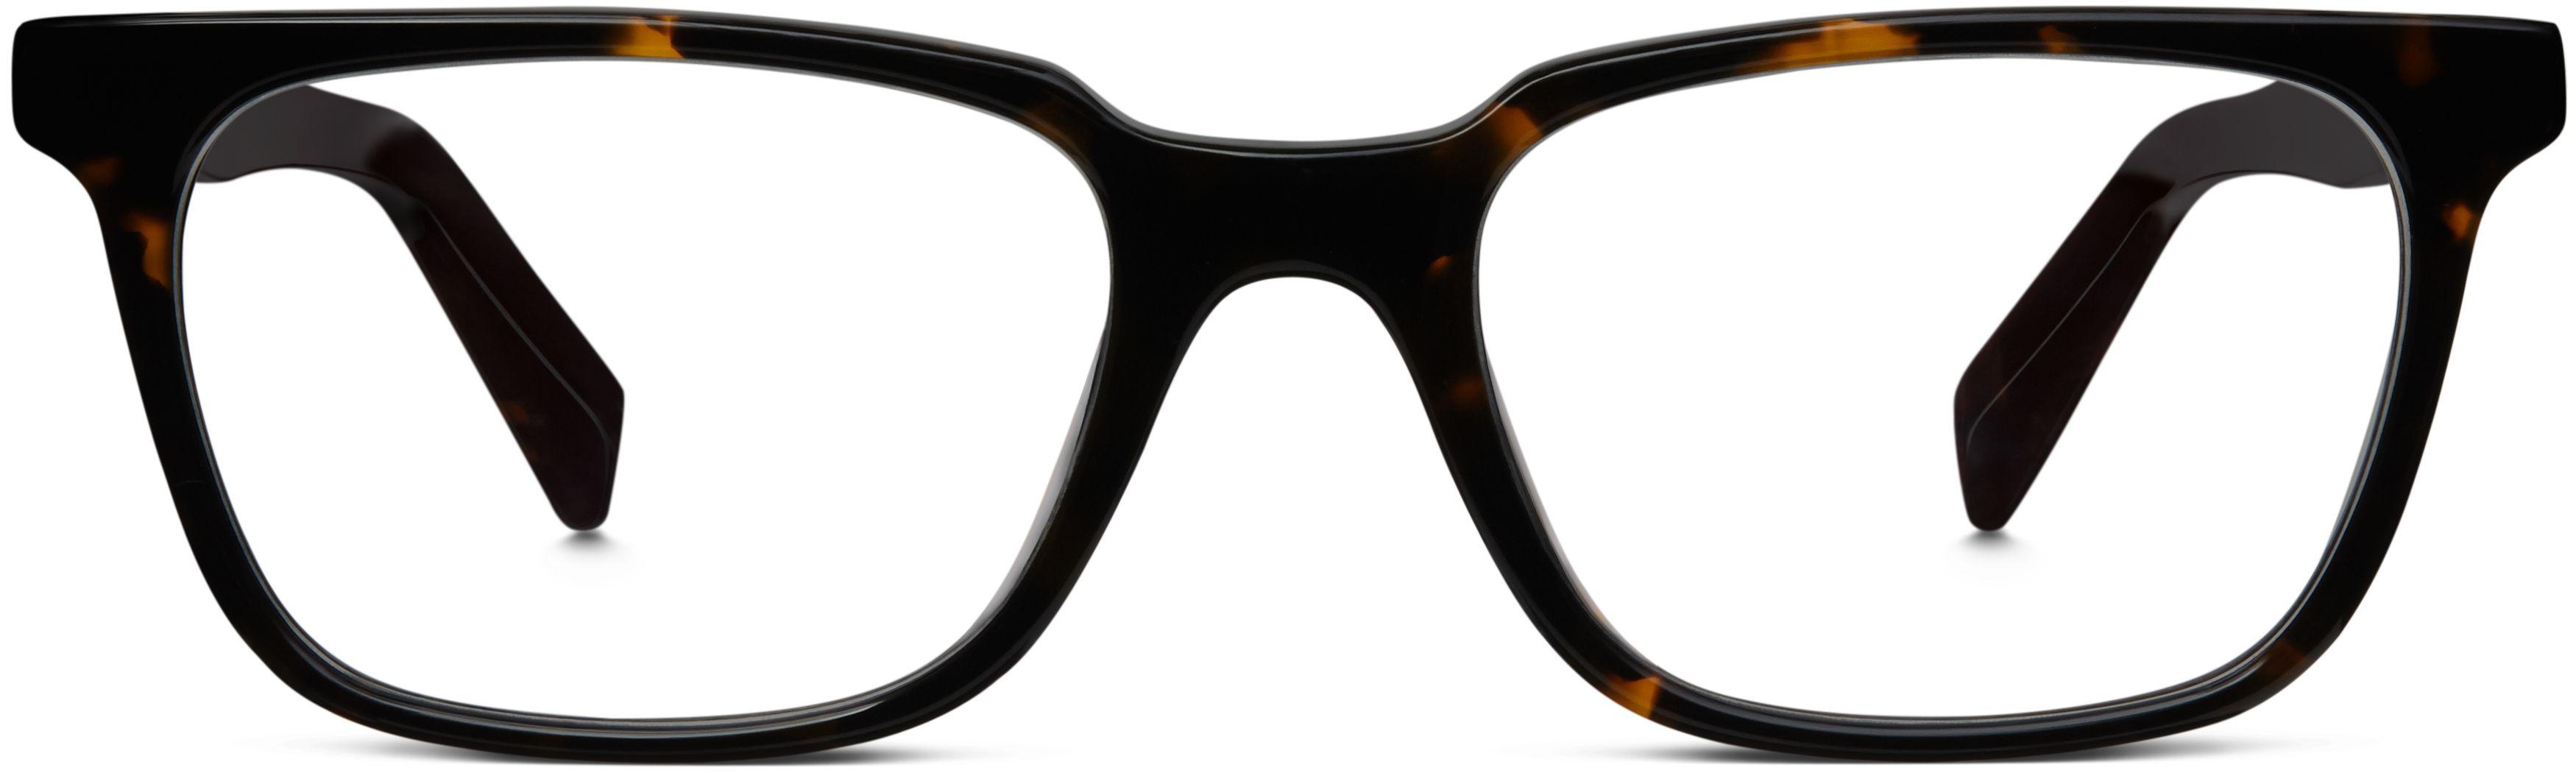 Wilder Eyeglasses in Whiskey Tortoise for Women | Warby Parker